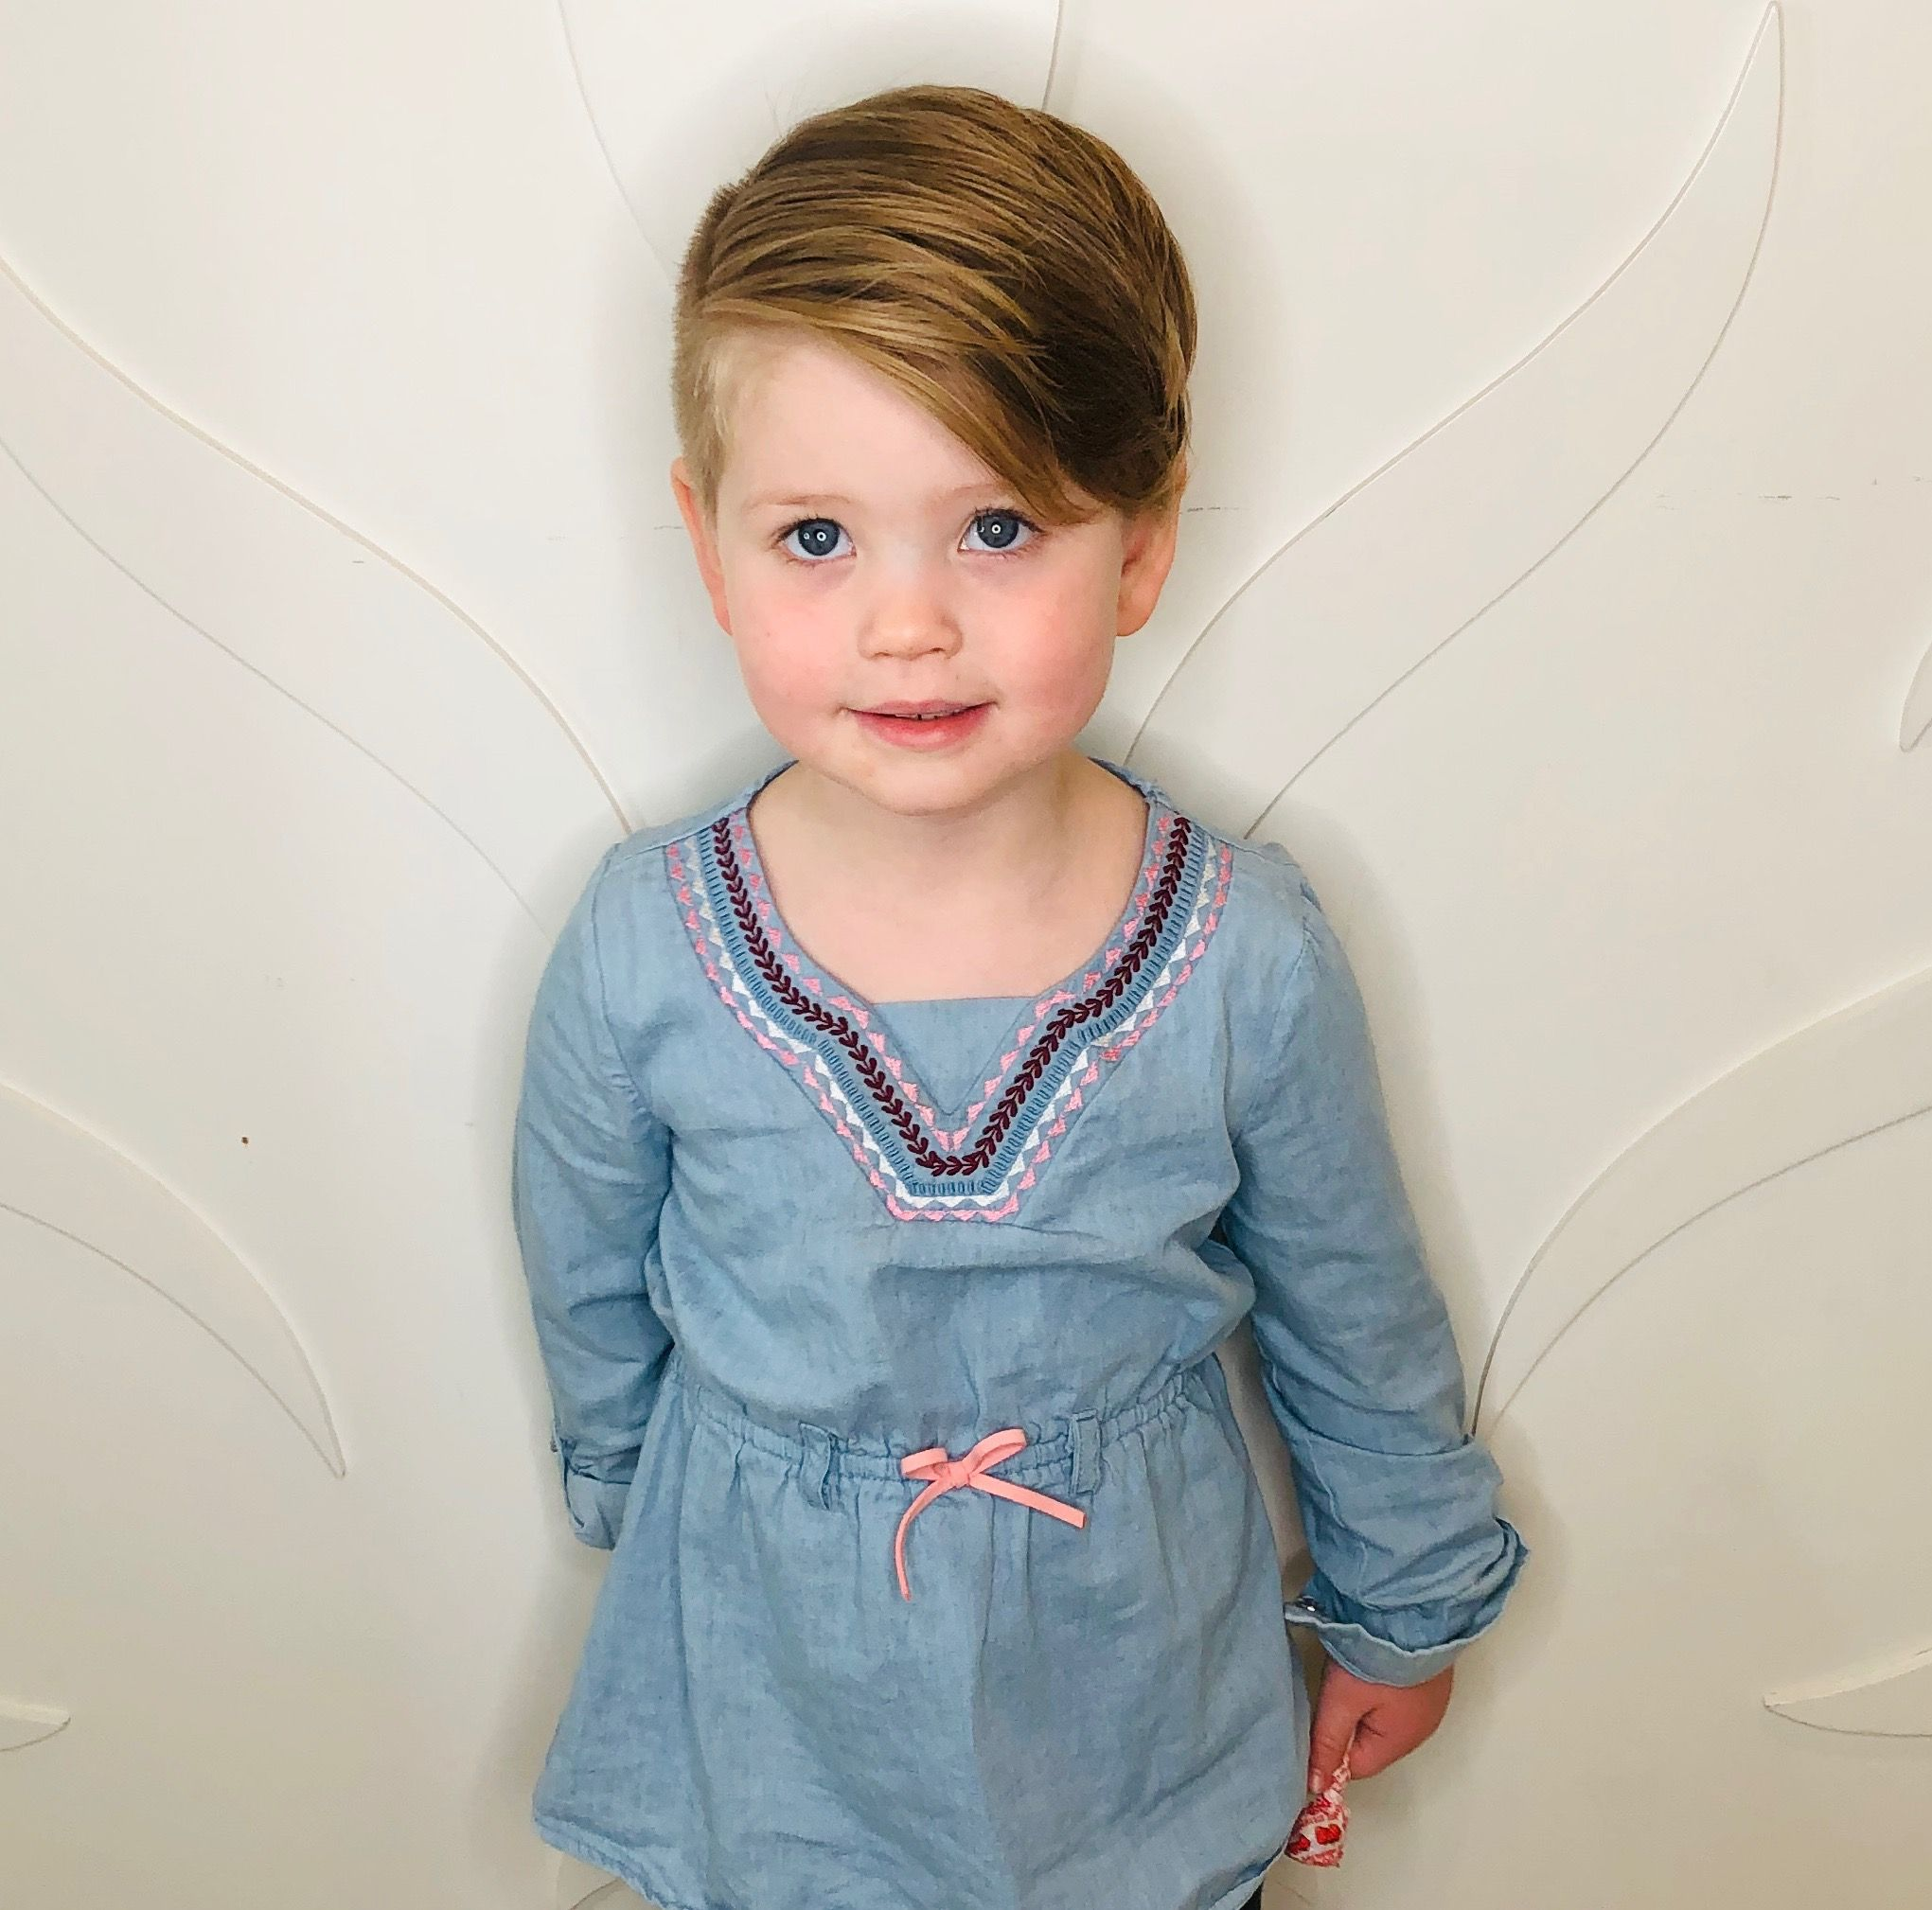 Little girl toddler undercut pixie in 2019